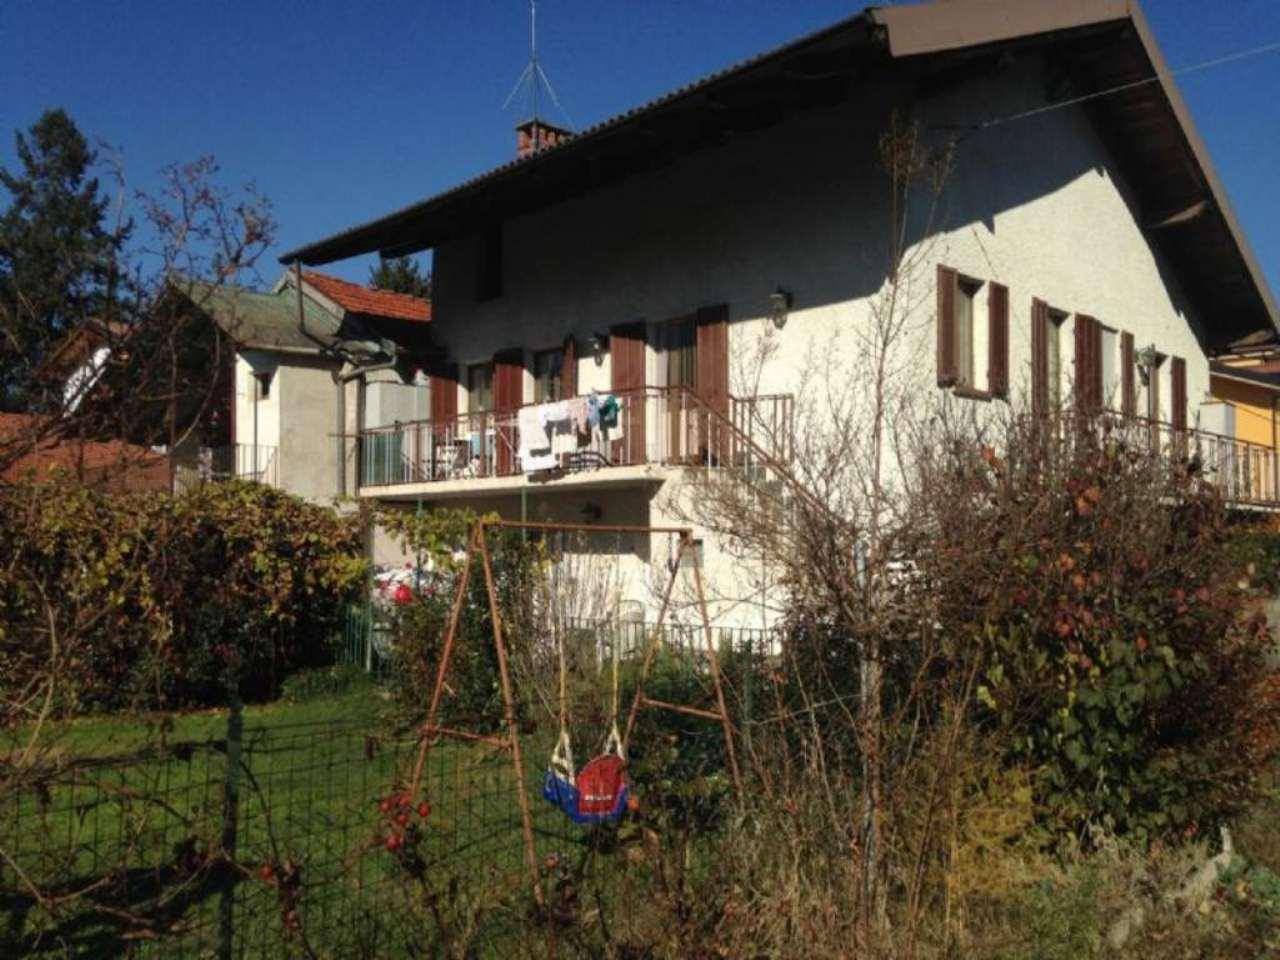 Soluzione Indipendente in vendita a Cuneo, 6 locali, prezzo € 260.000 | Cambio Casa.it